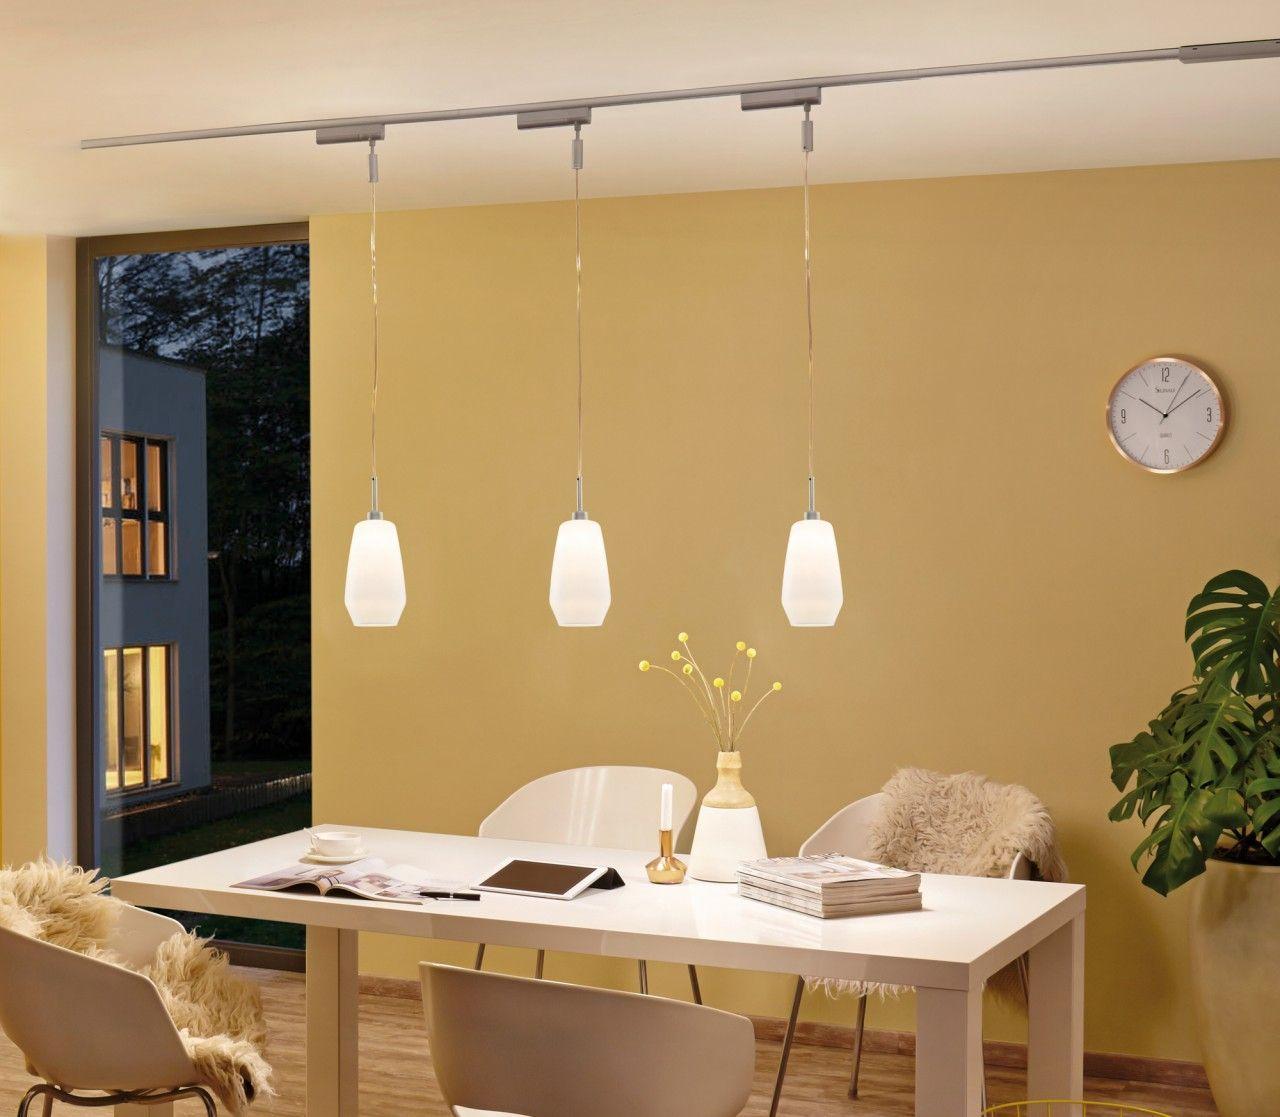 Die Richtige Beleuchtung Fur Den Esstisch Mit Dem Lampen System